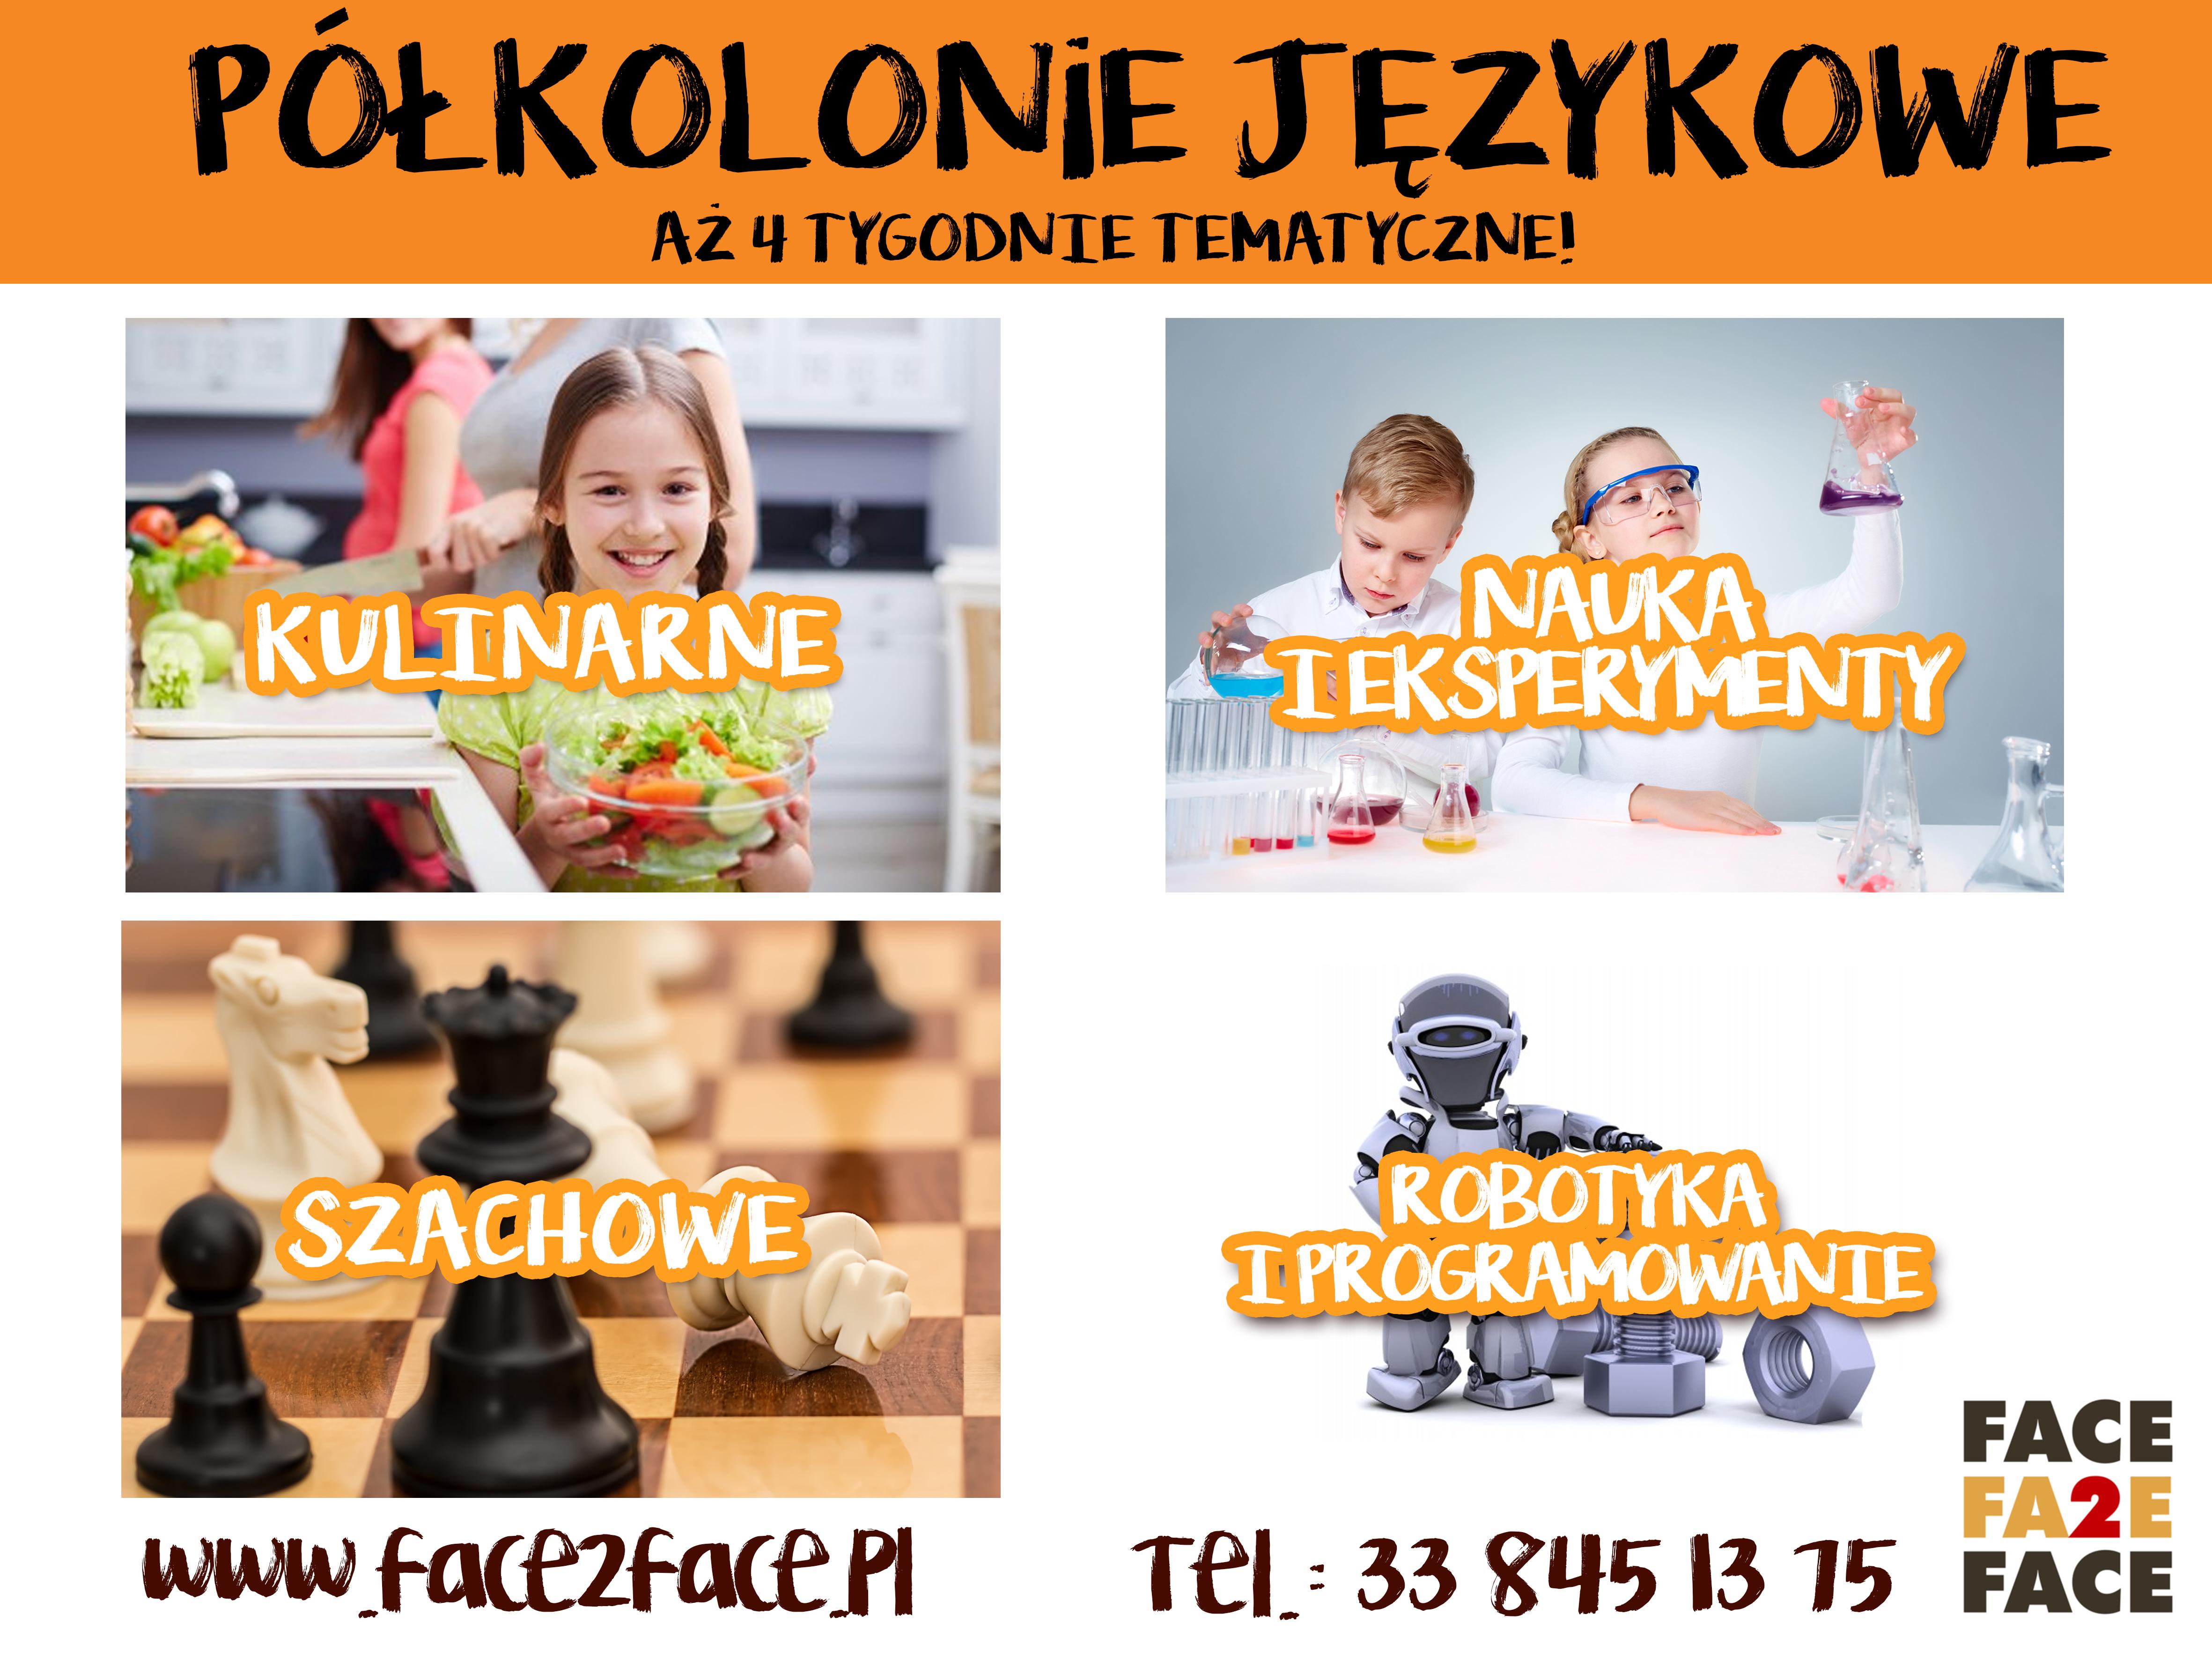 Półkolonie 2018 w Kętach i Andrychowie! Tylko w Face 2 Face!